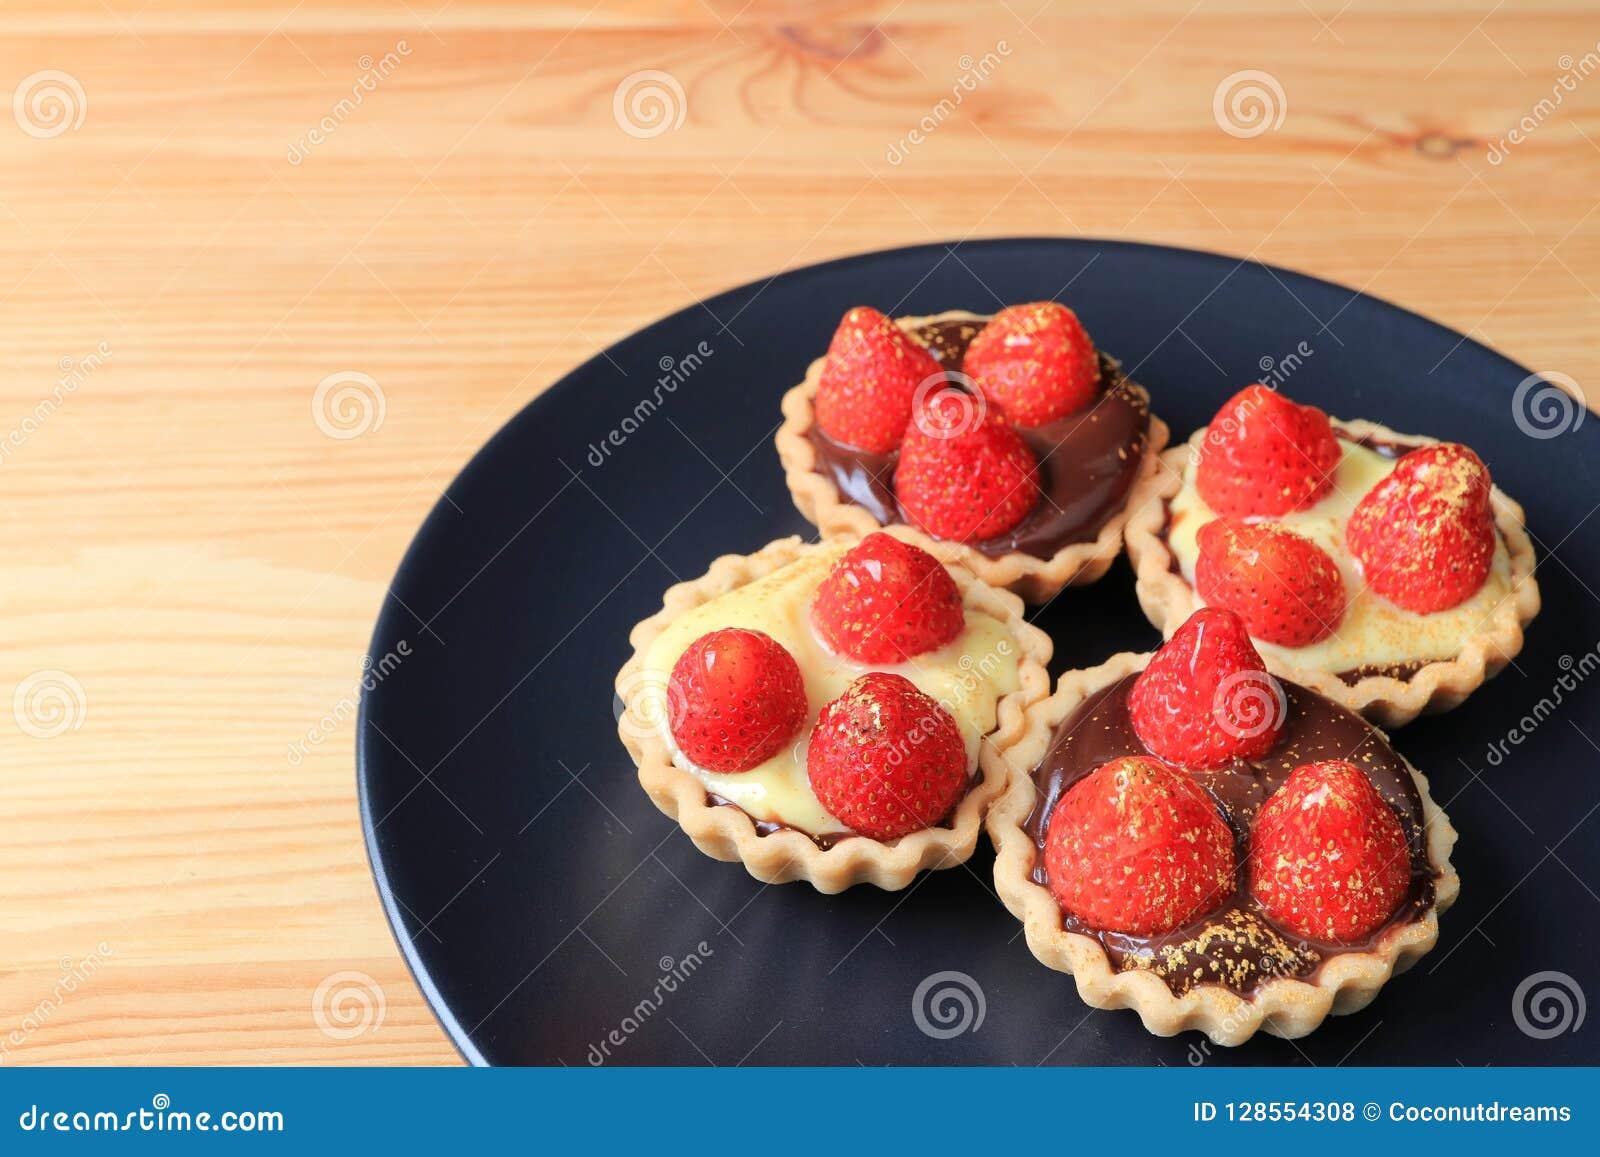 微型巧克力馅饼四个片断冠上用新鲜的草莓和可食的金粉末在黑色的盘子担任了